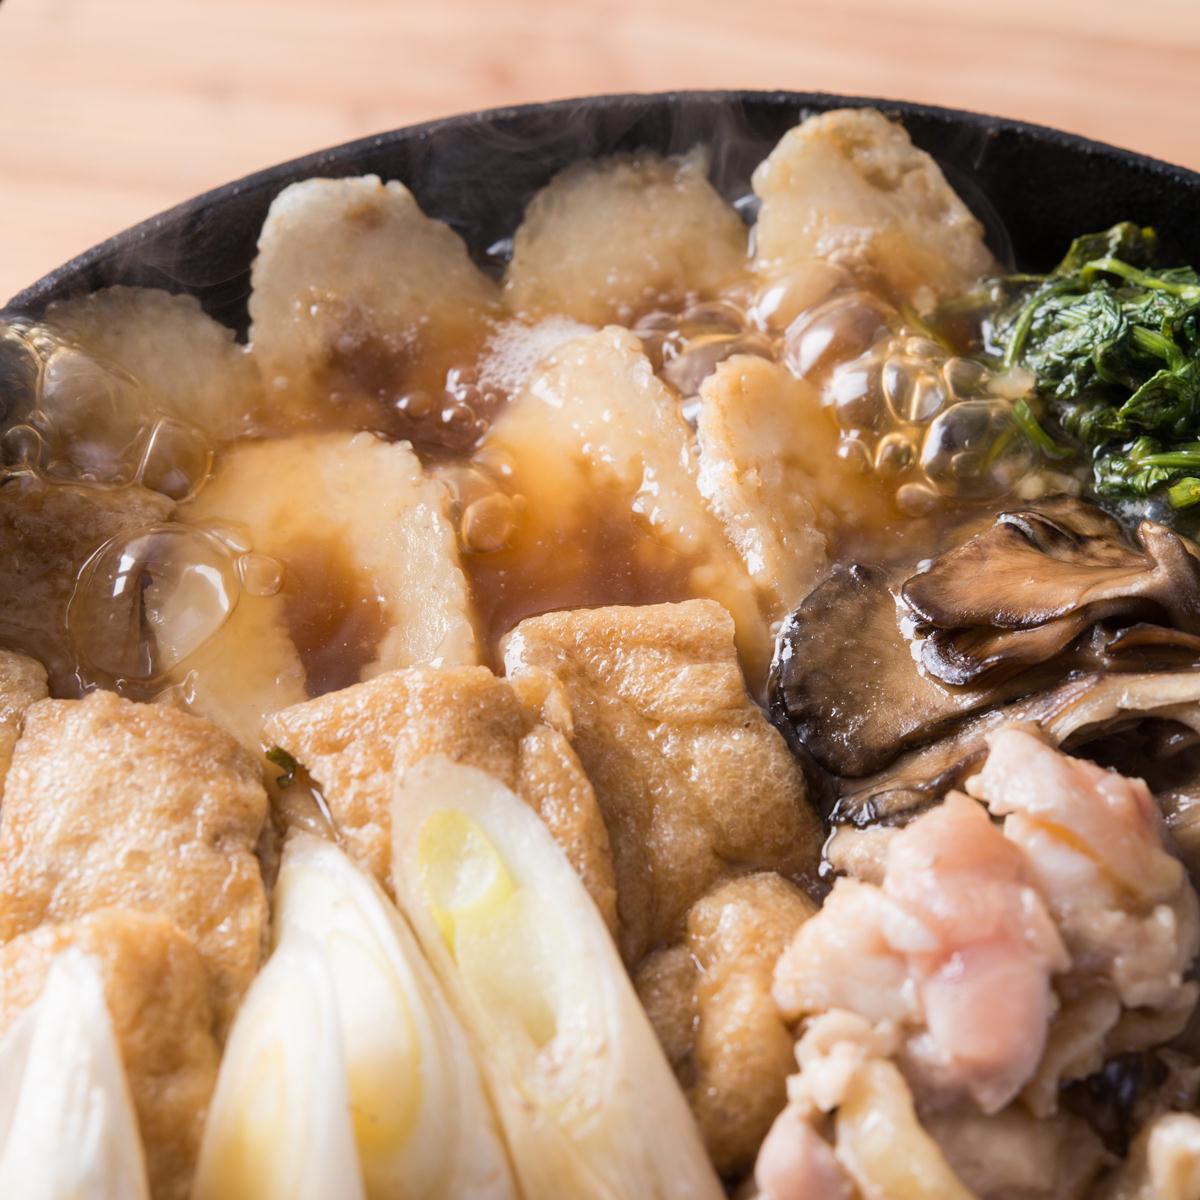 三四郎旅館 薬膳 きりたんぽセット〔薬膳きりたんぽ4本・地鶏肉・比内地鶏スープ・舞茸ほか全9種〕